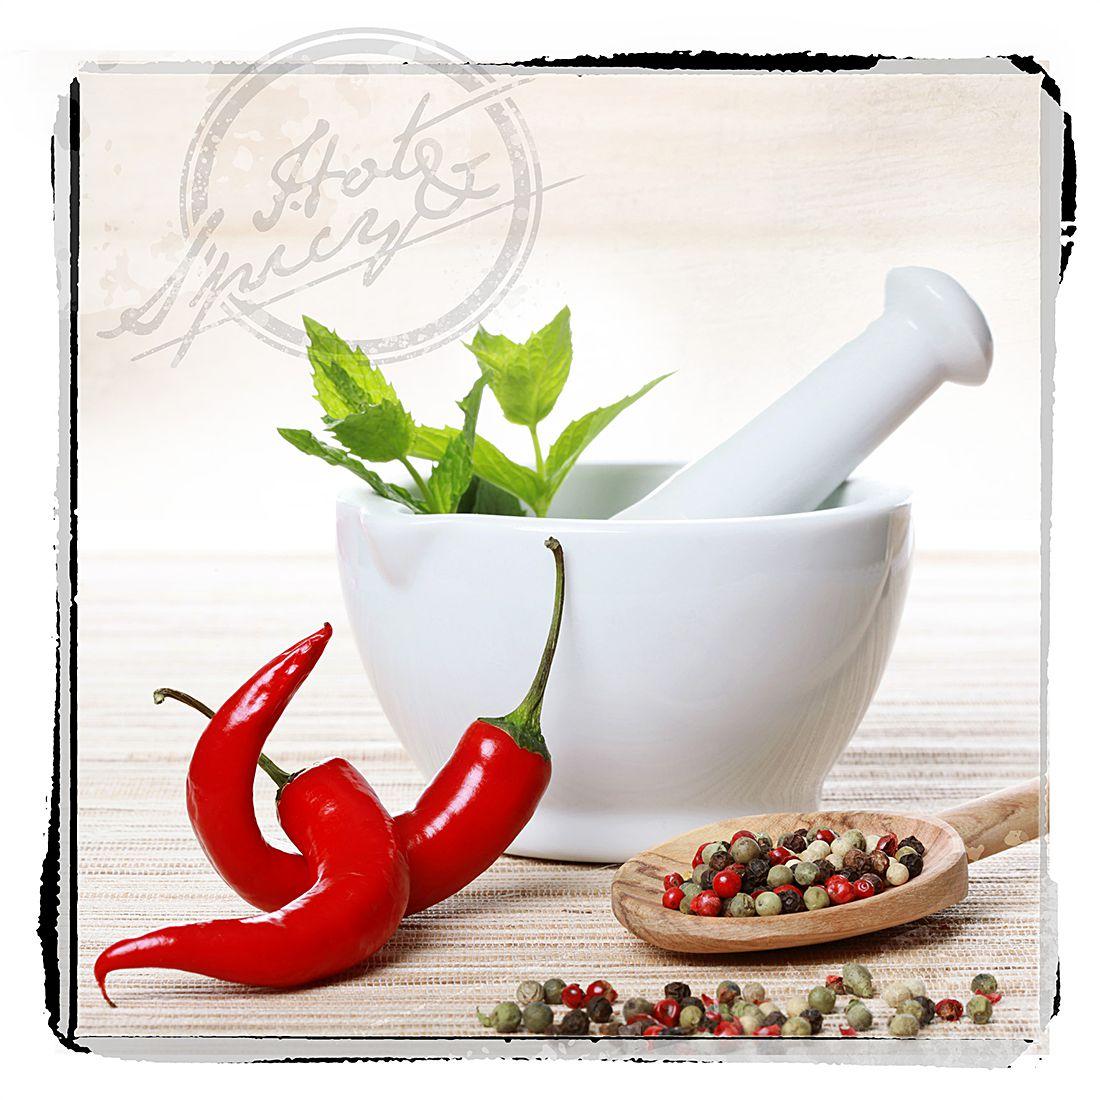 Glasbild Chili Kitchen - Glasbild Chili Kitchen 30x30, Pro Art